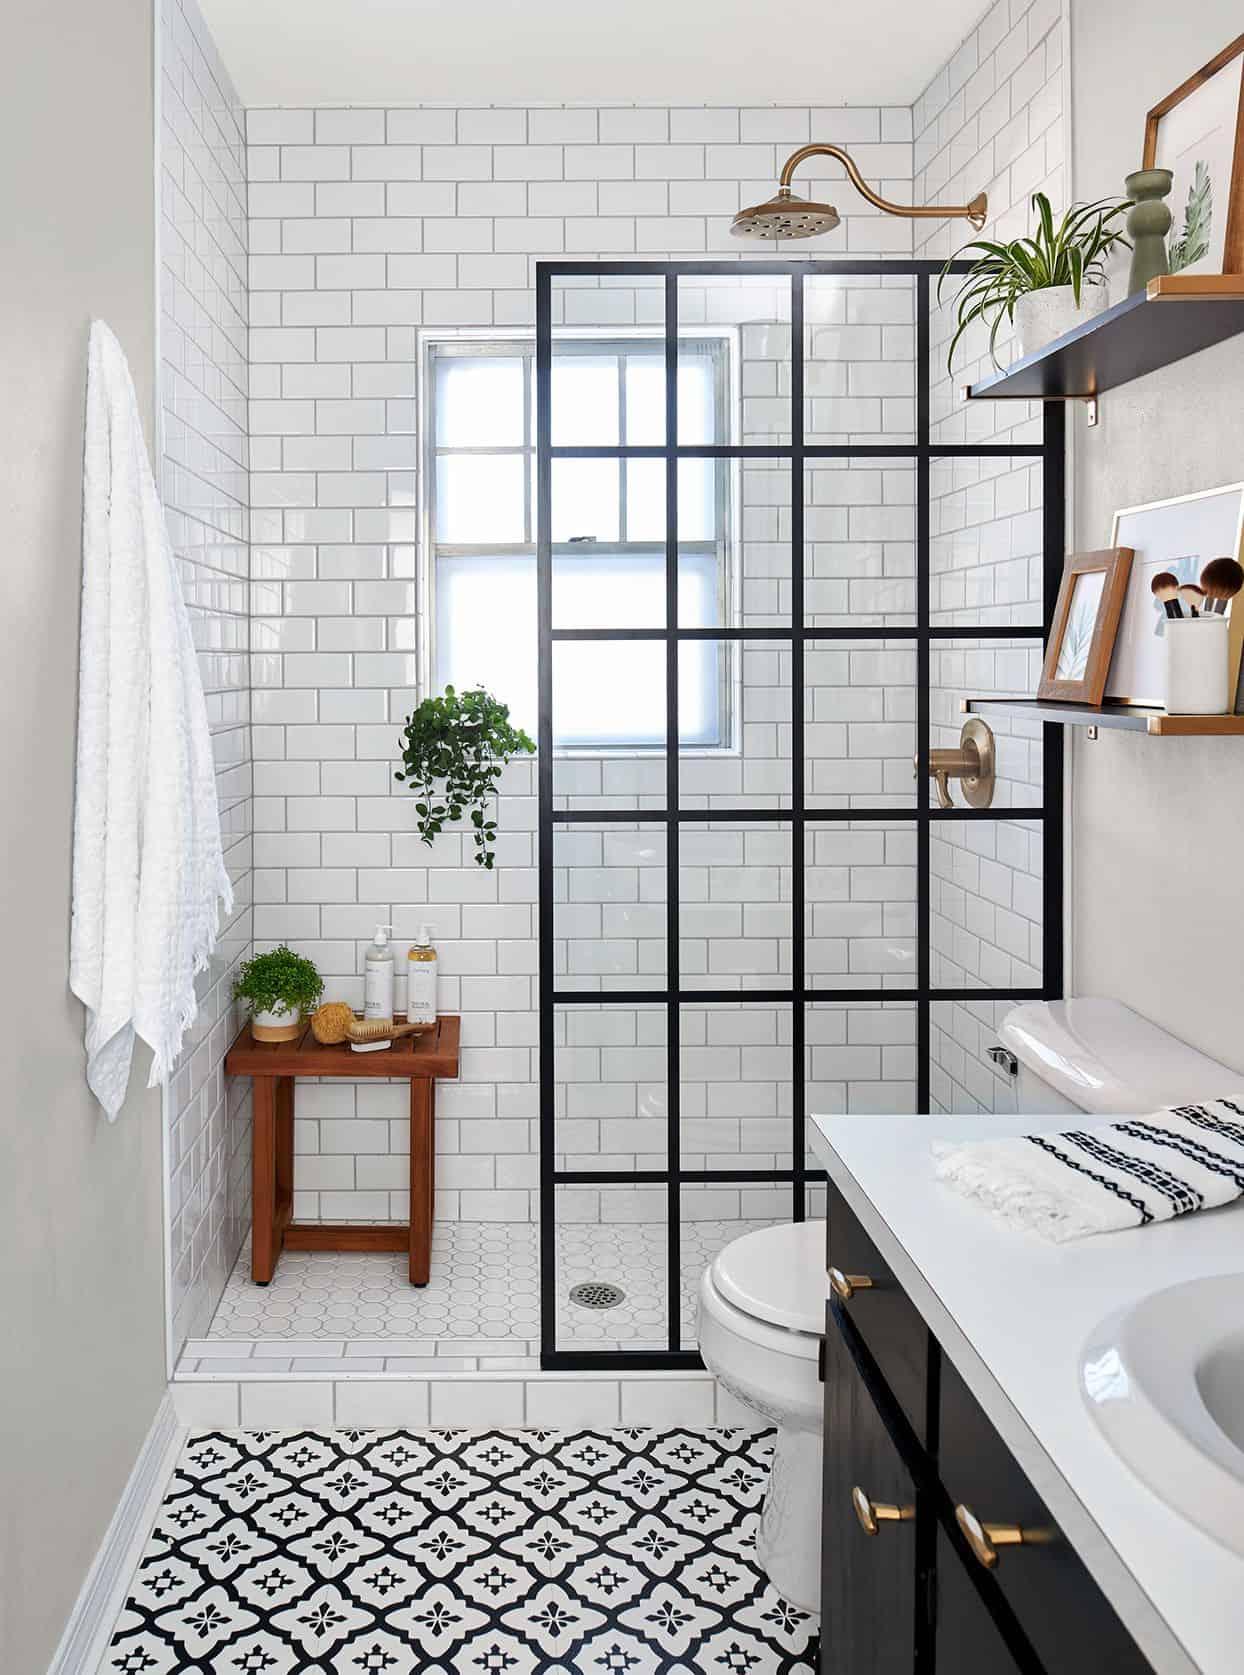 17 conseils pour économiser de l'argent afin d'allonger votre budget de rénovation de salle de bain